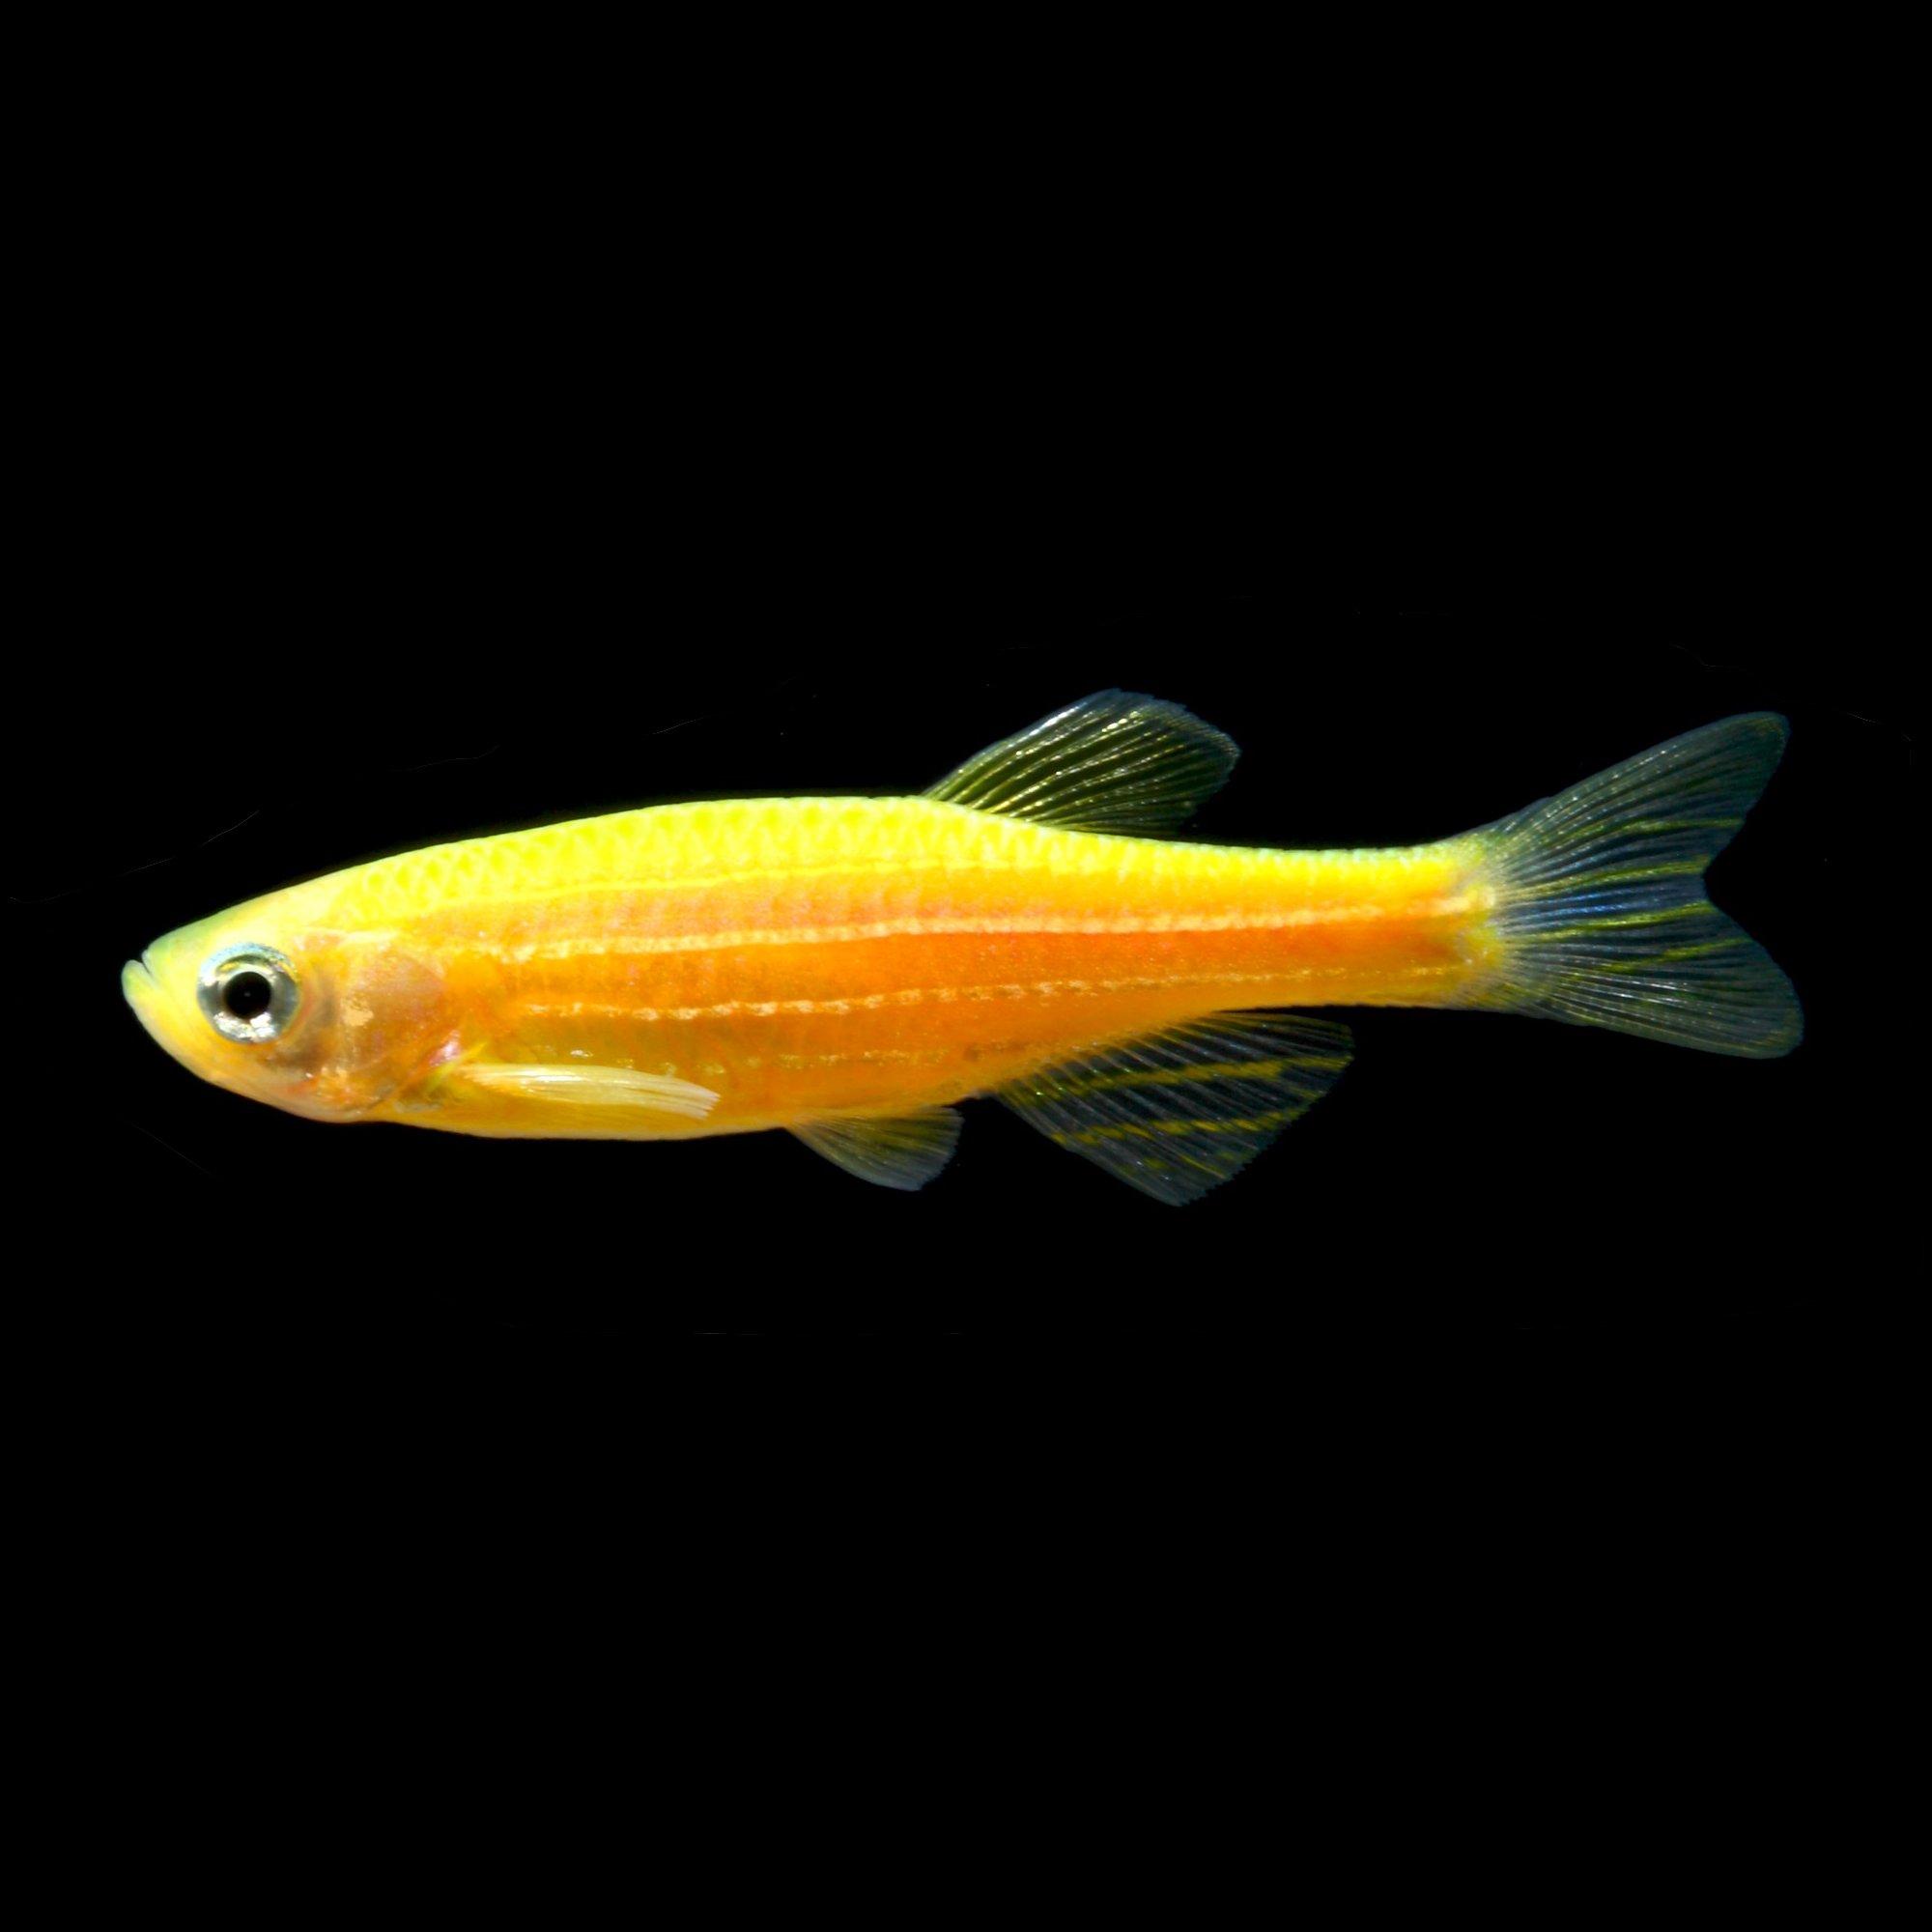 Glofish sunburst orange danio petco for Petco fish for sale